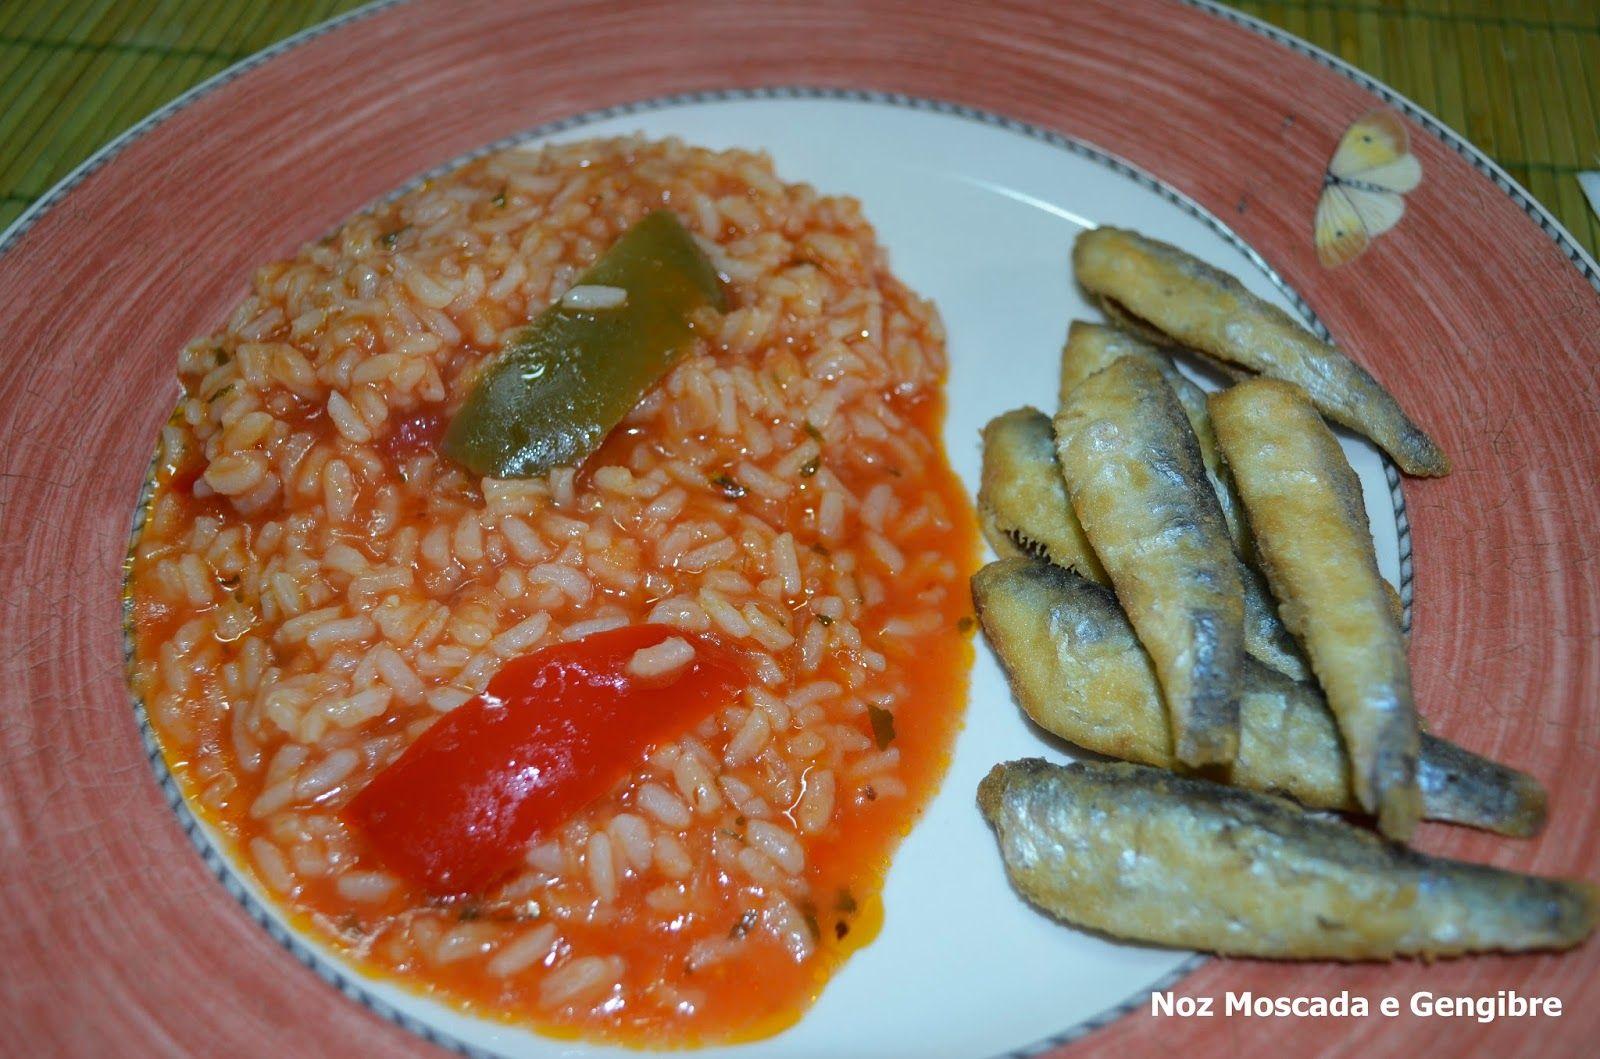 Noz Moscada e Gengibre: Arroz de tomate e pimento